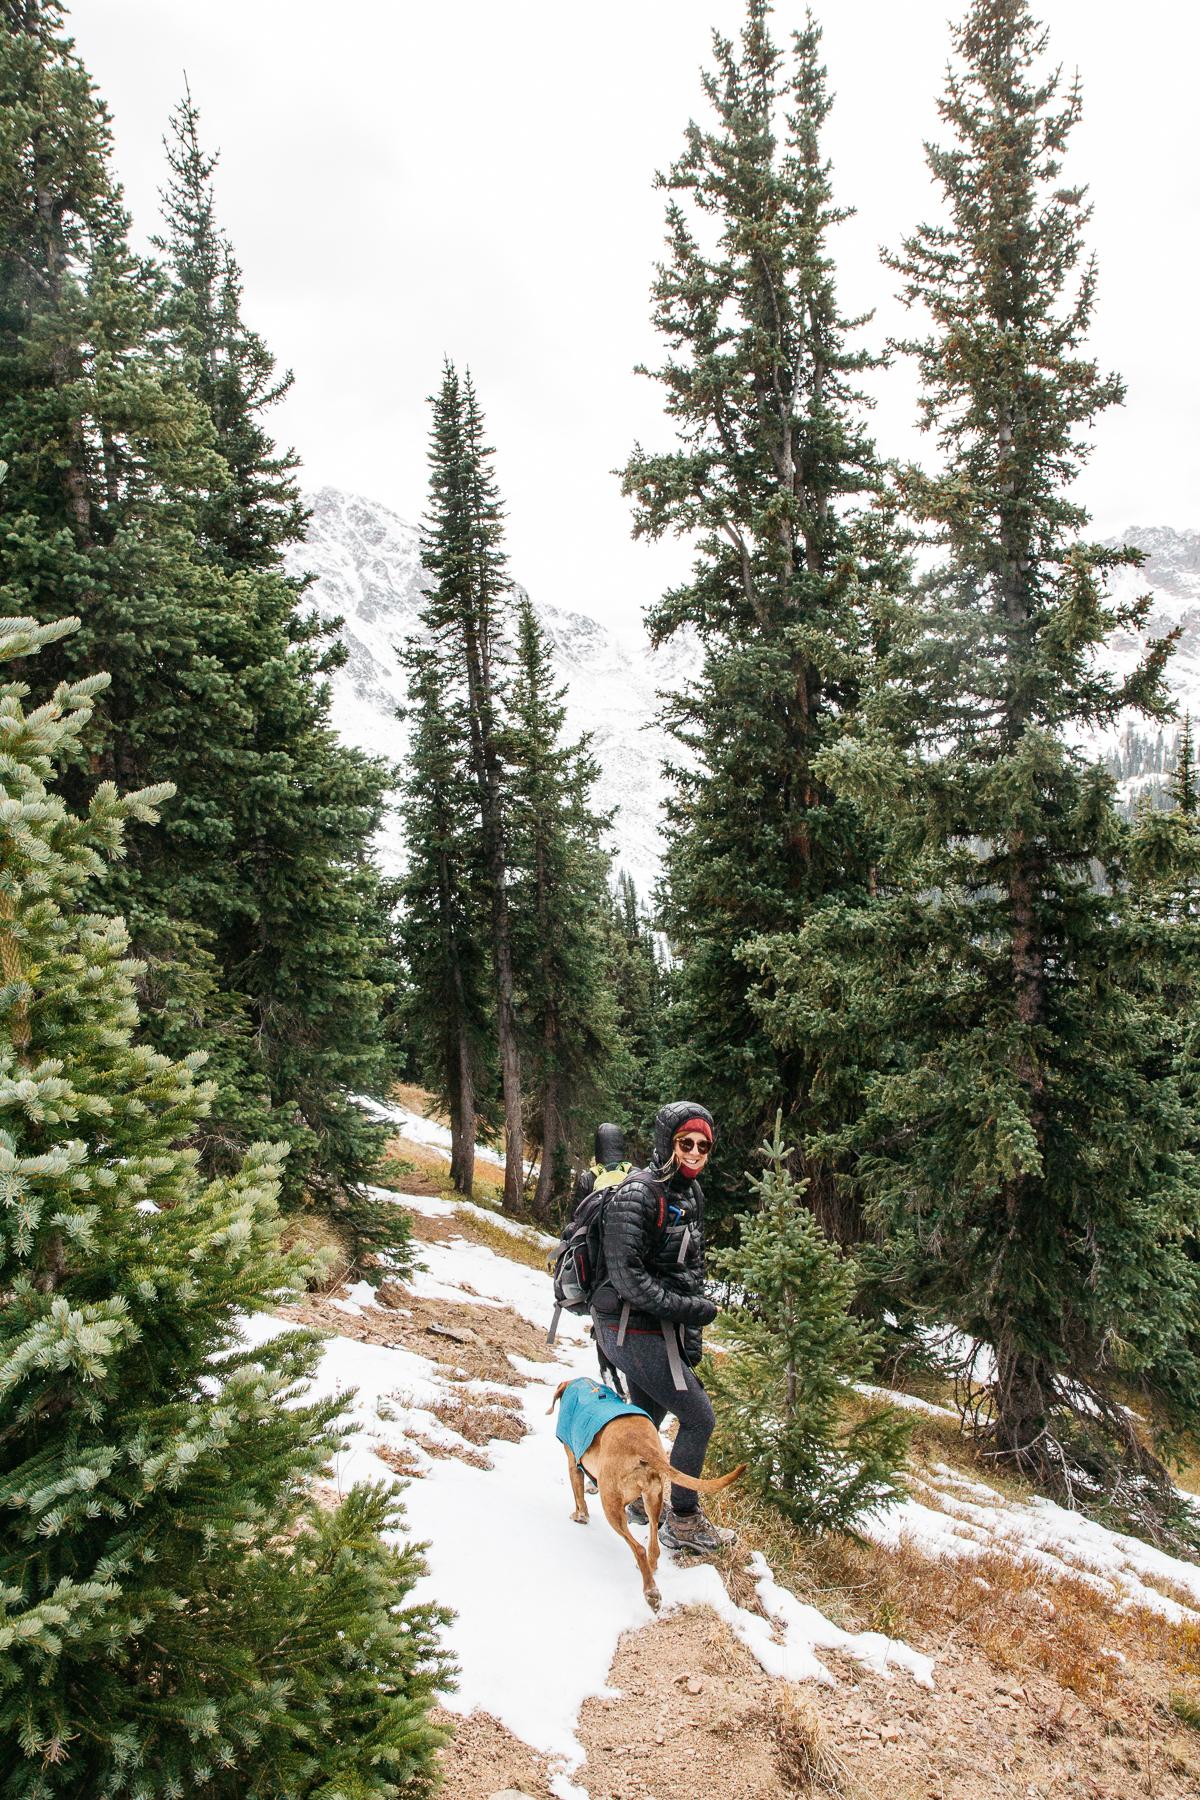 Colorado2017_RedBuffalo_0284.JPG